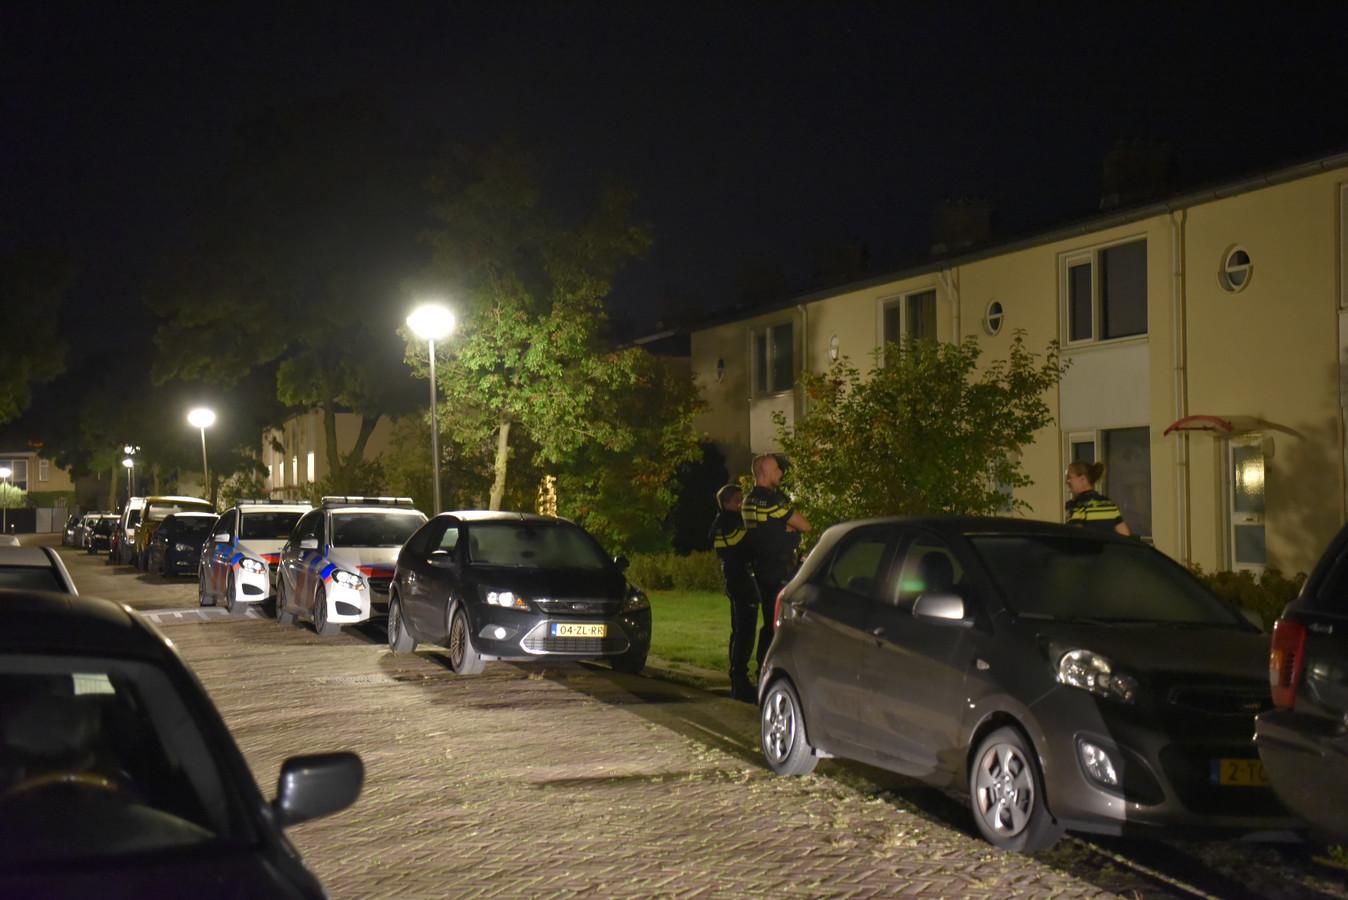 Op 11 september 2020 werd de Hazelaarstraat in Almelo opgeschikt door een hele harde knal.